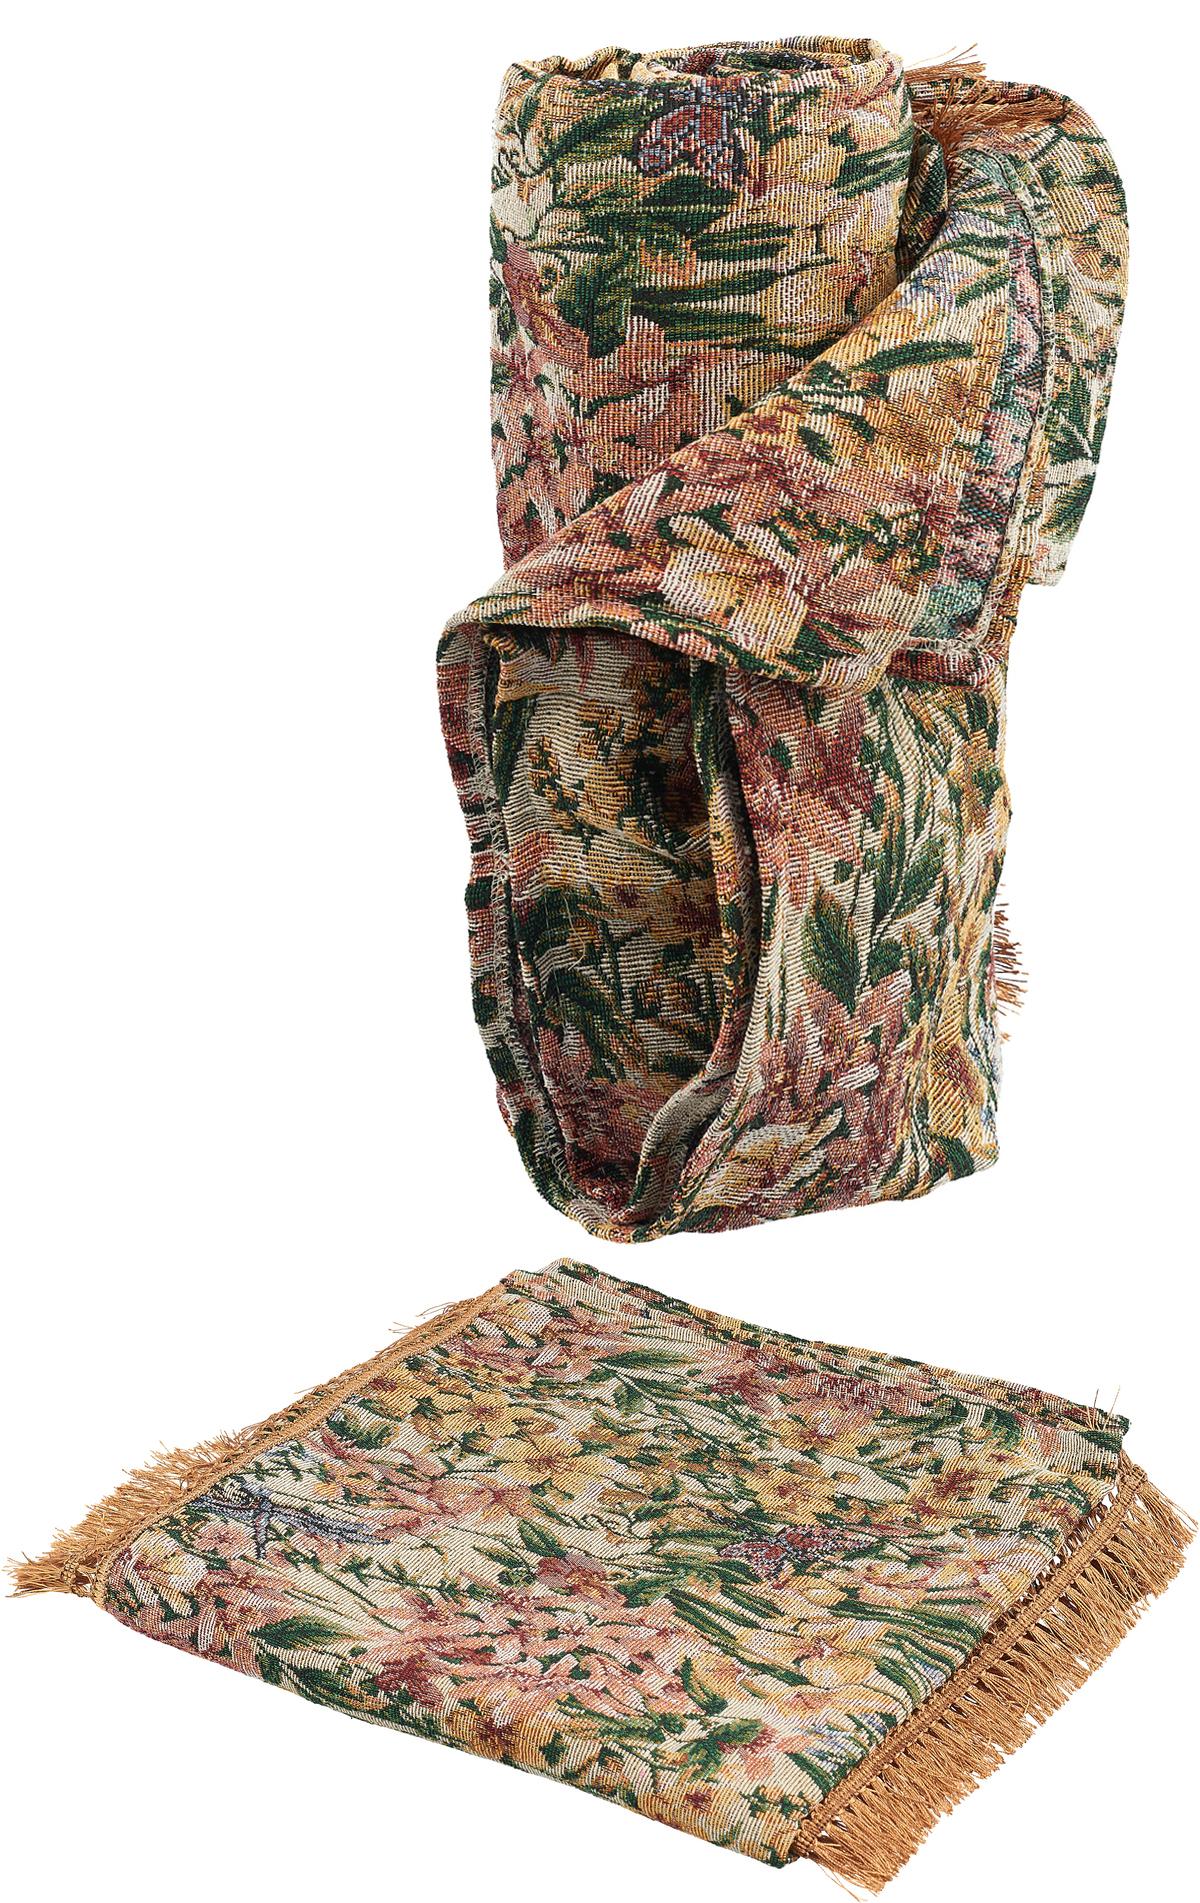 Гобеленовые полотна для покрывал изготавливаются из качественного хлопка, с добавлением полиэстера. Ткань очень плотная, прочная, отлично сохраняет форму и в то же время мягкая и приятная на ощупь. Пестрый рисунок достигается путем переплетения нитей разных цветов, а не путем окрашивания готового полотна. Состав гобелена для повышения износостойких качеств производители добавляют до 50% полиэстера. Достоинства: - экологичность. Преобладание натуральных волокон в составе гобеленового полотна позволяет обеспечить покрывалу хорошую воздухопроницаемость, гигроскопичность и достойные гигиенические свойства.  - простота ухода. Покрывало не требует частых стирок, не боится солнечного света, не выцветает и не линяет; - не требует подкладки и уплотнителя. Ткань сама по себе достаточно жесткая, хорошо держит форму и помогает сгладить неровности; - износостойкость. Долговечность обеспечивает особая техника плетения нитей, а добавление синтетических волокон помогает увеличить срок службы изделия. Покрывала из гобелена благодаря своей пестроте материал сам по себе не нуждается в частой стирке. Состав: 50%хлопок, 50% полиэстер,  Уход: стирка 30градусов в деликатном режиме, глажка в режиме хлопка.  Размеры: 150 х 200 см Размер: 70 х 140 см (2 шт)